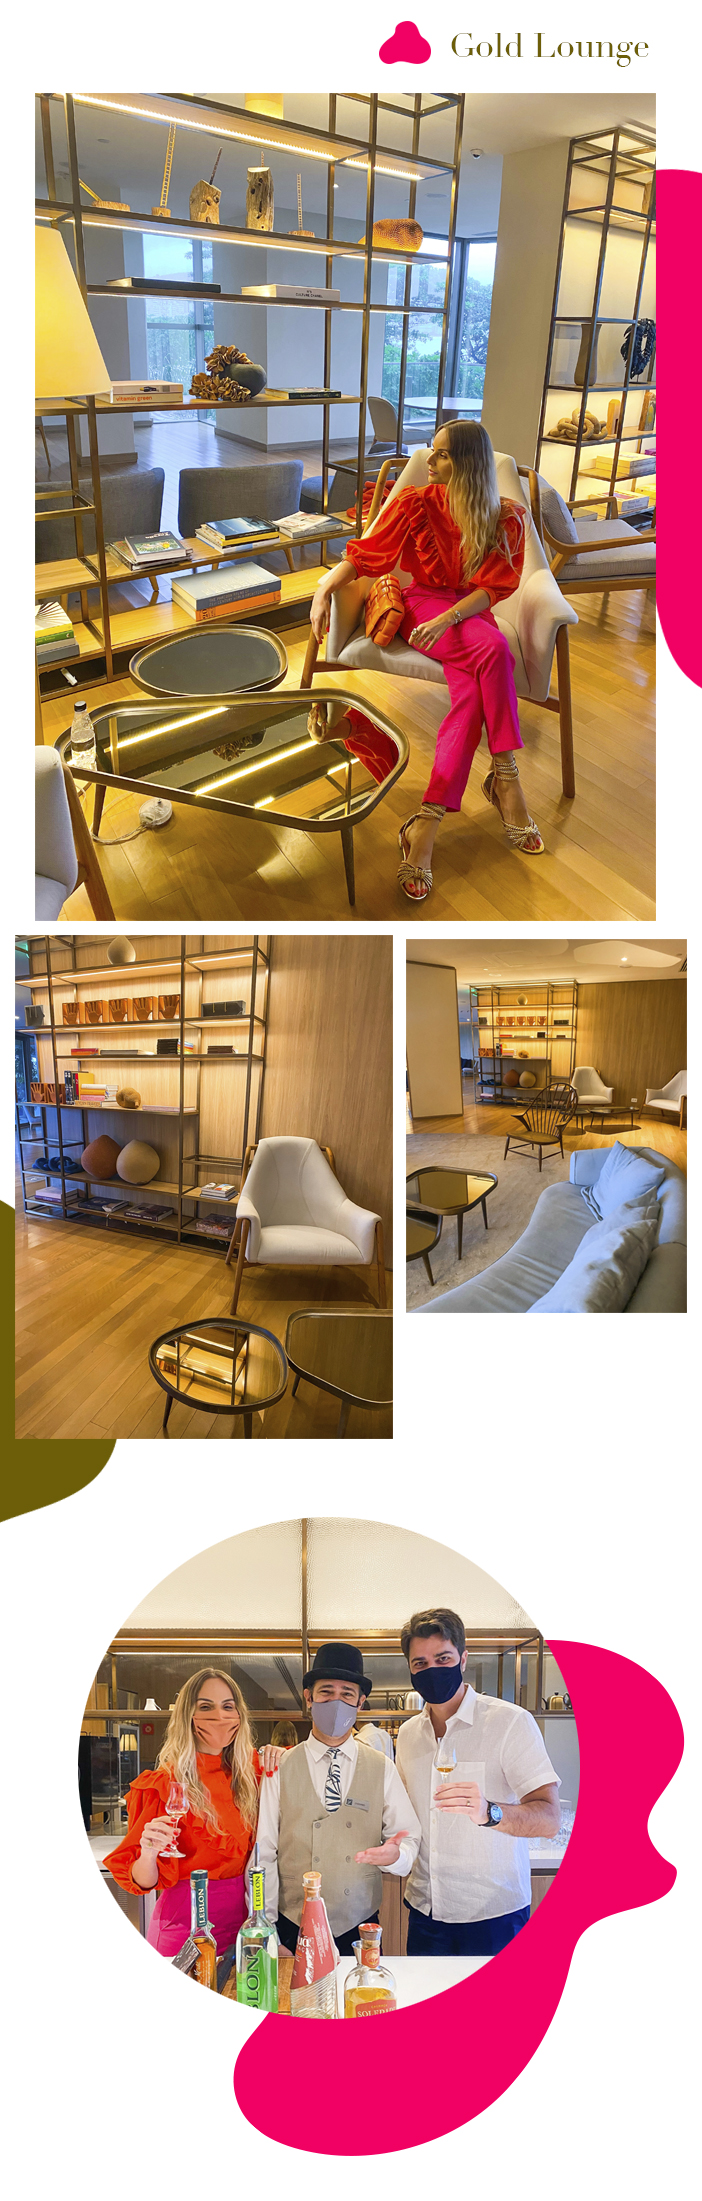 Diário de Bordo - Layla no Fairmont Rio - Gold Lounge